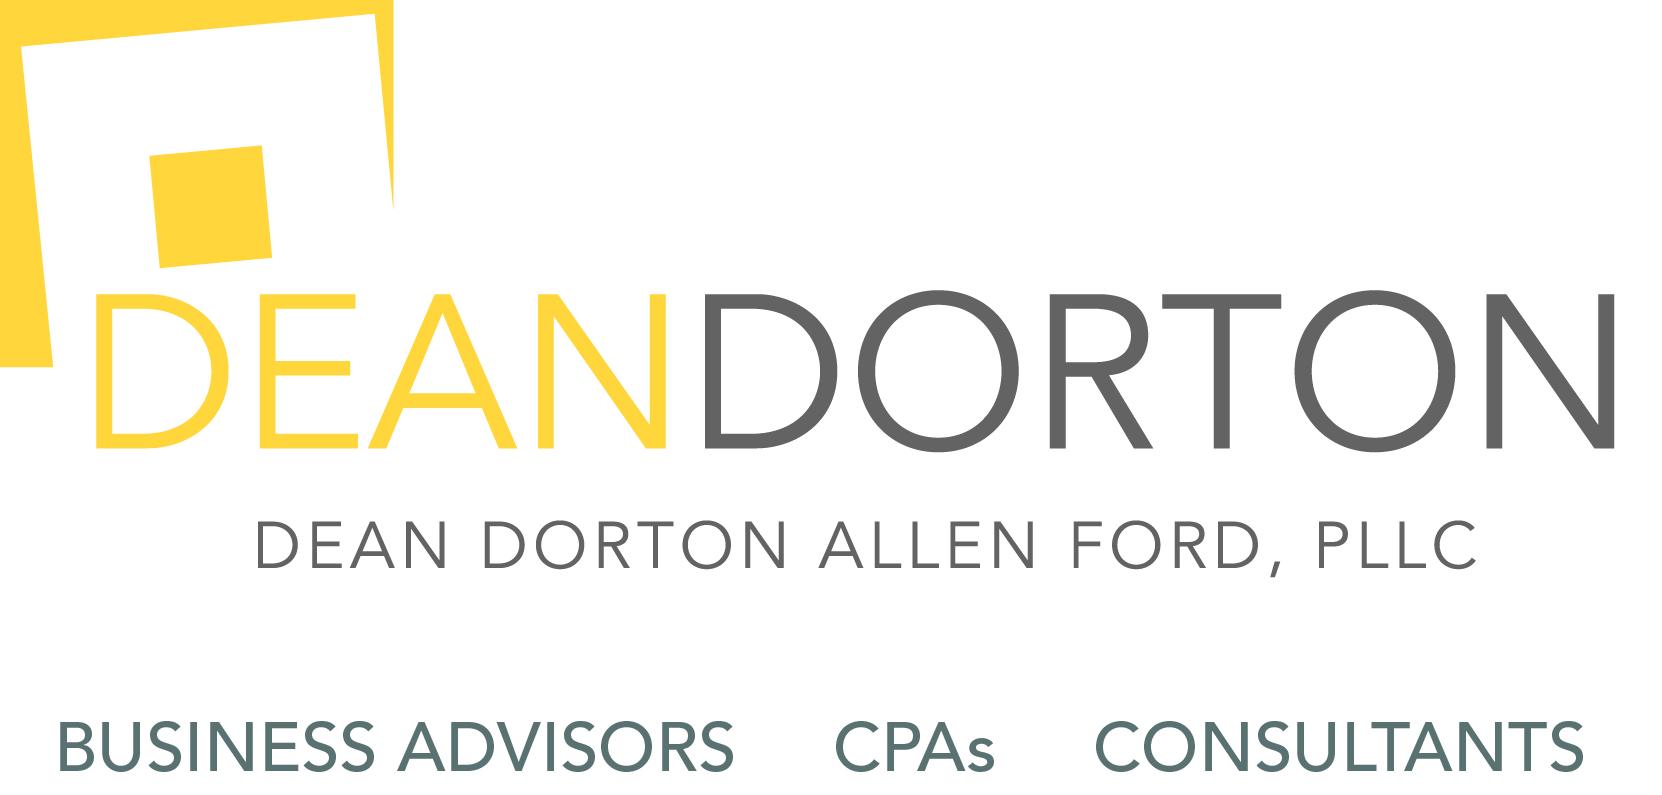 Dean Dorton Allen Ford